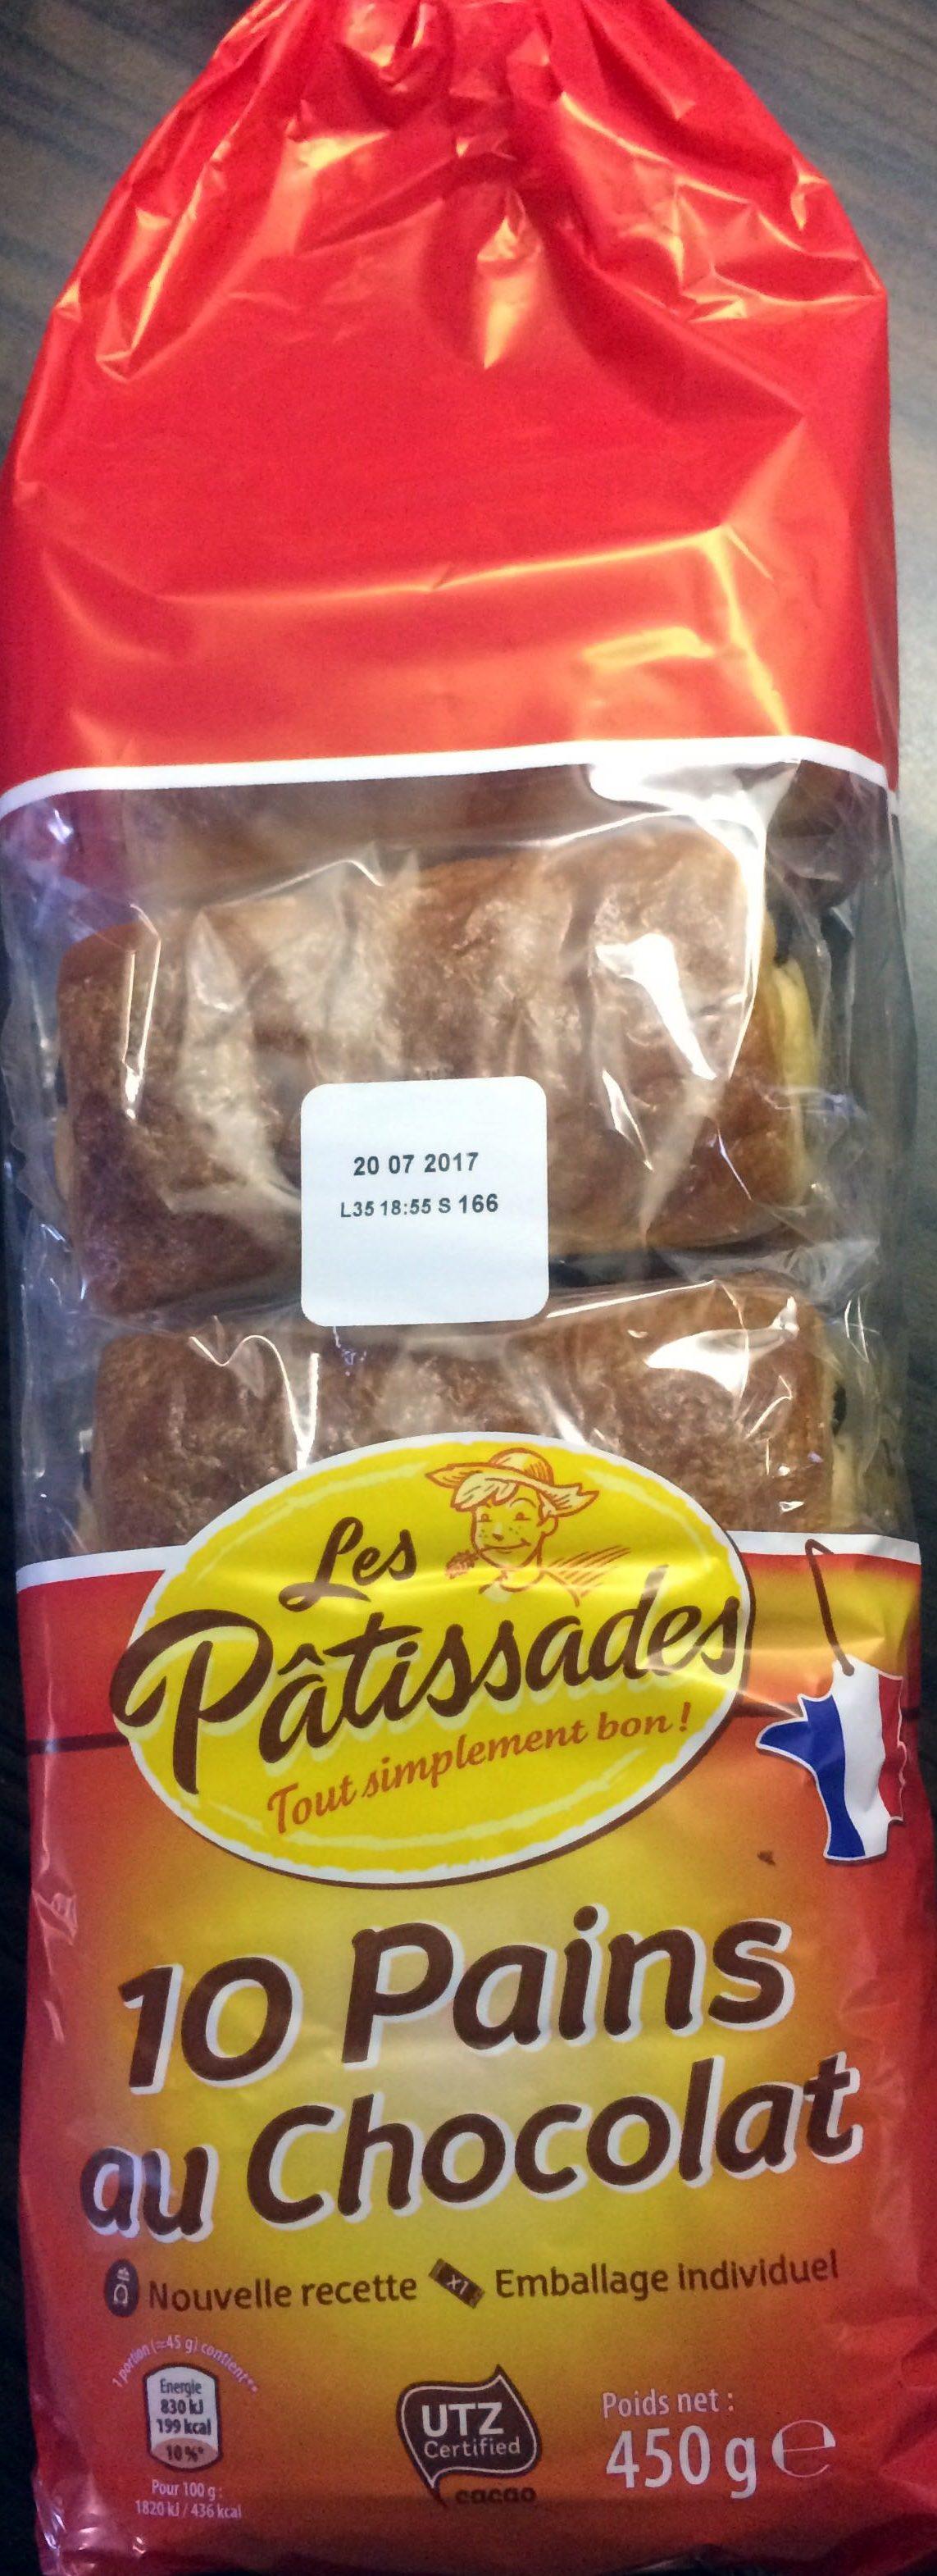 10 pains au chocolat - Produit